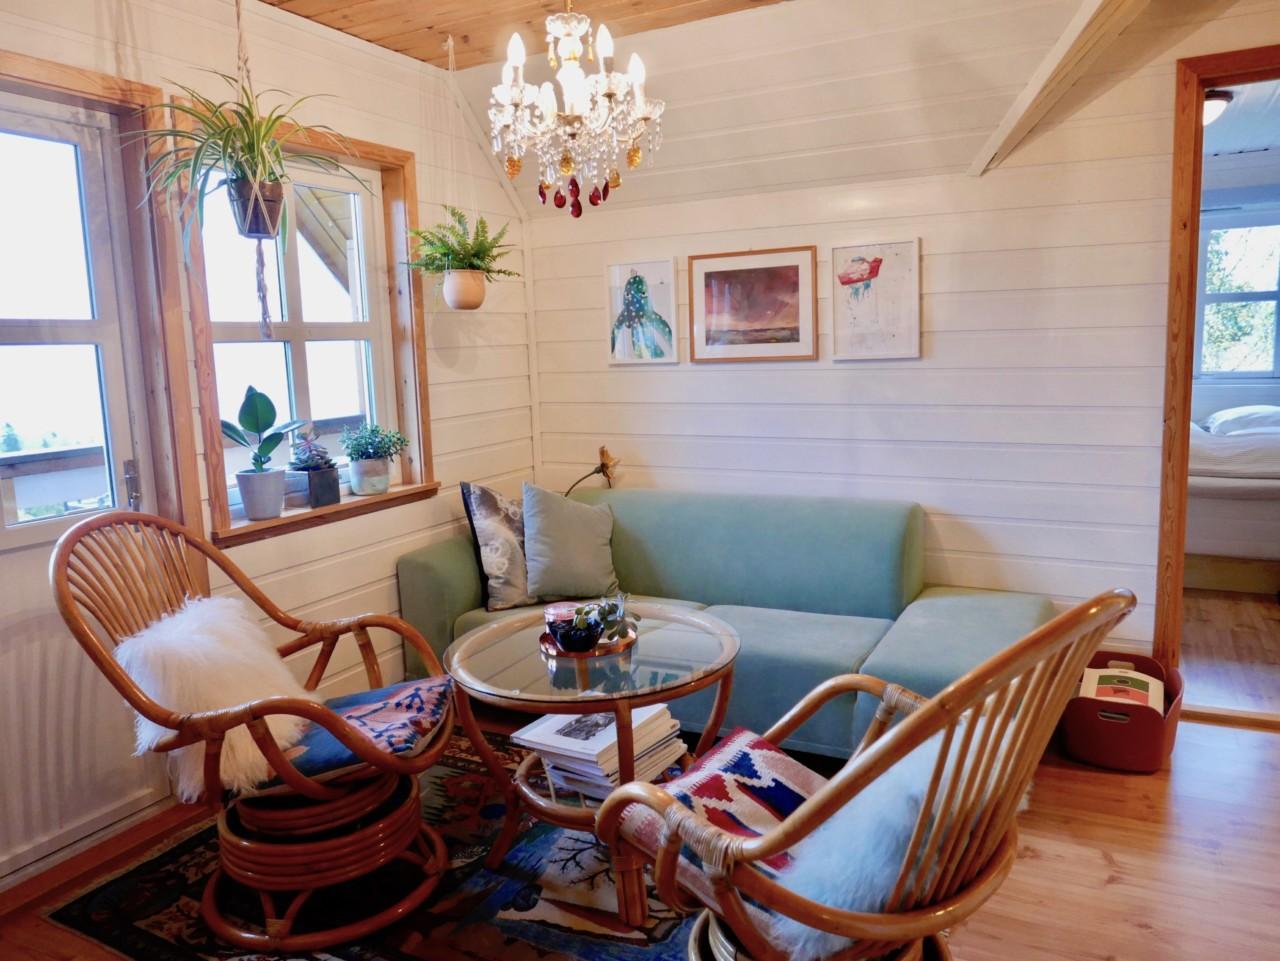 loftsstue-freska-vask-naturlig-rengjoring